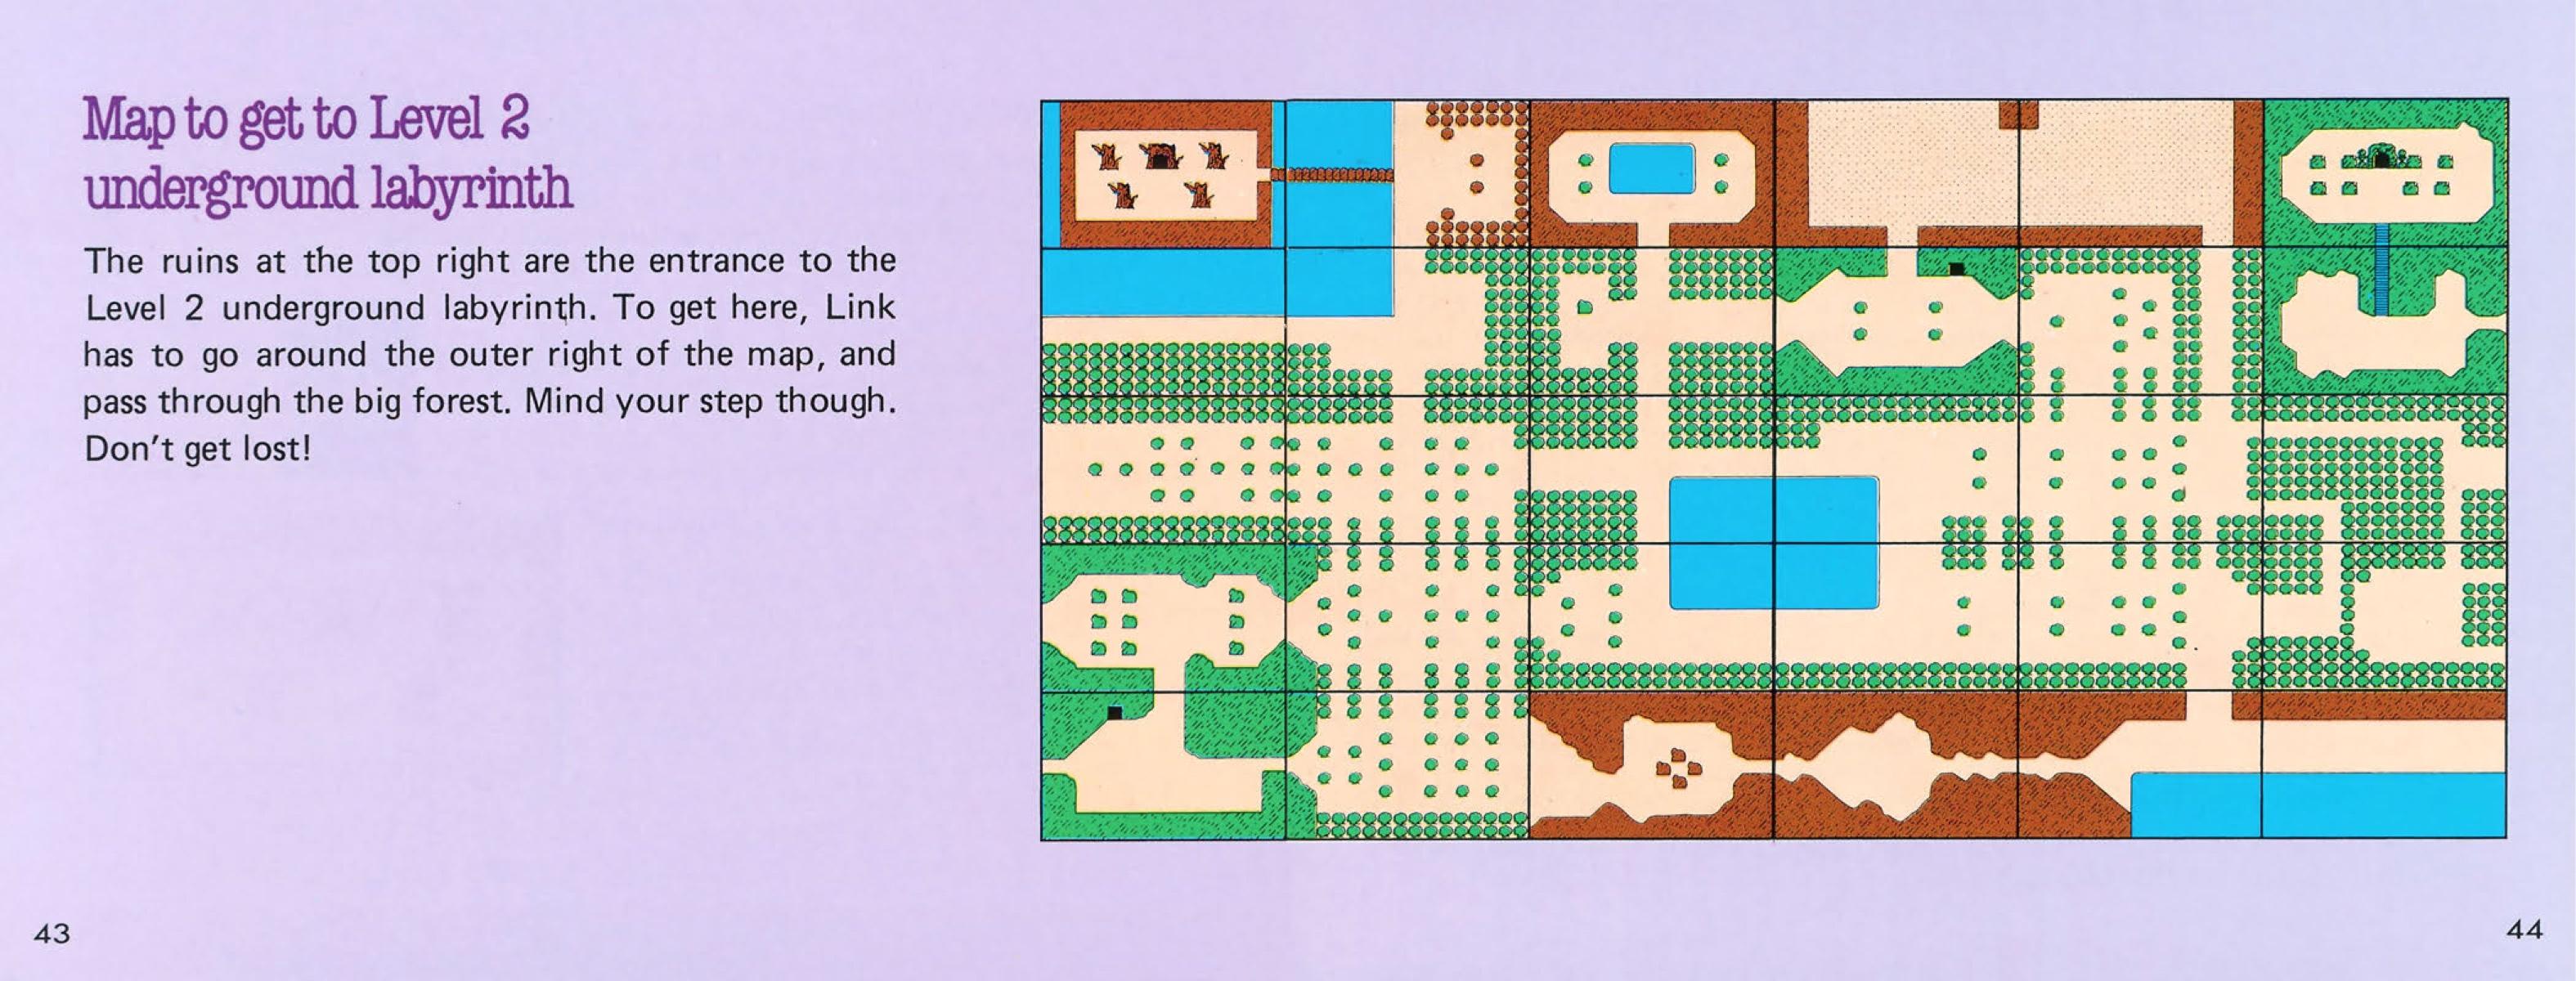 The Legend of Zelda Instruction Booklet - 43-44